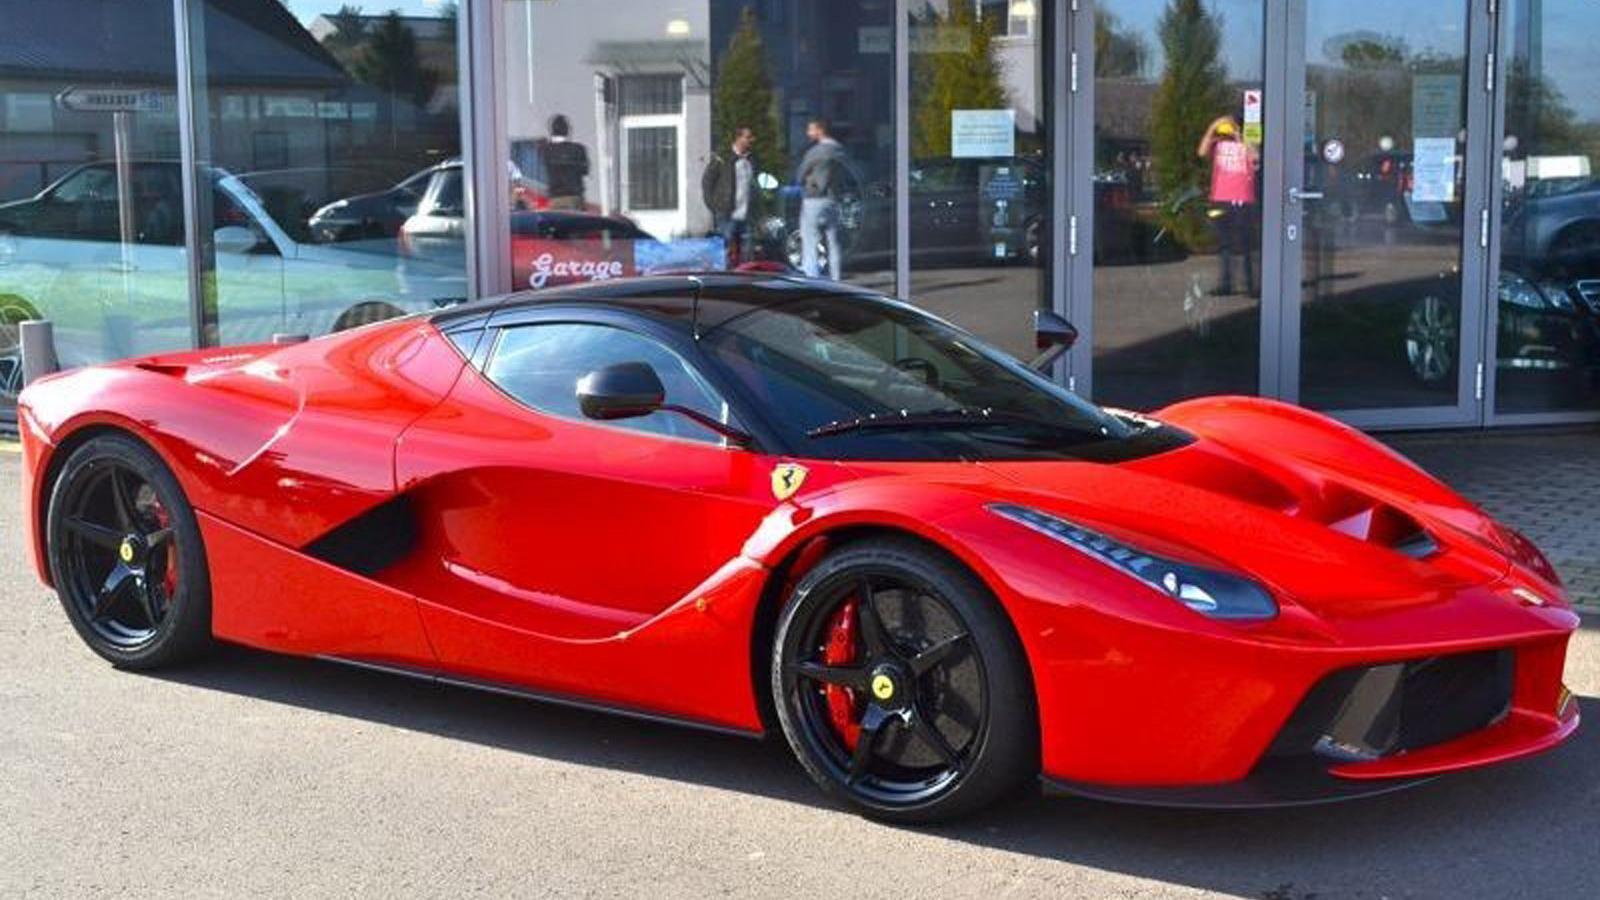 Ferrari LaFerrari up for sale (Image via Luxauto)